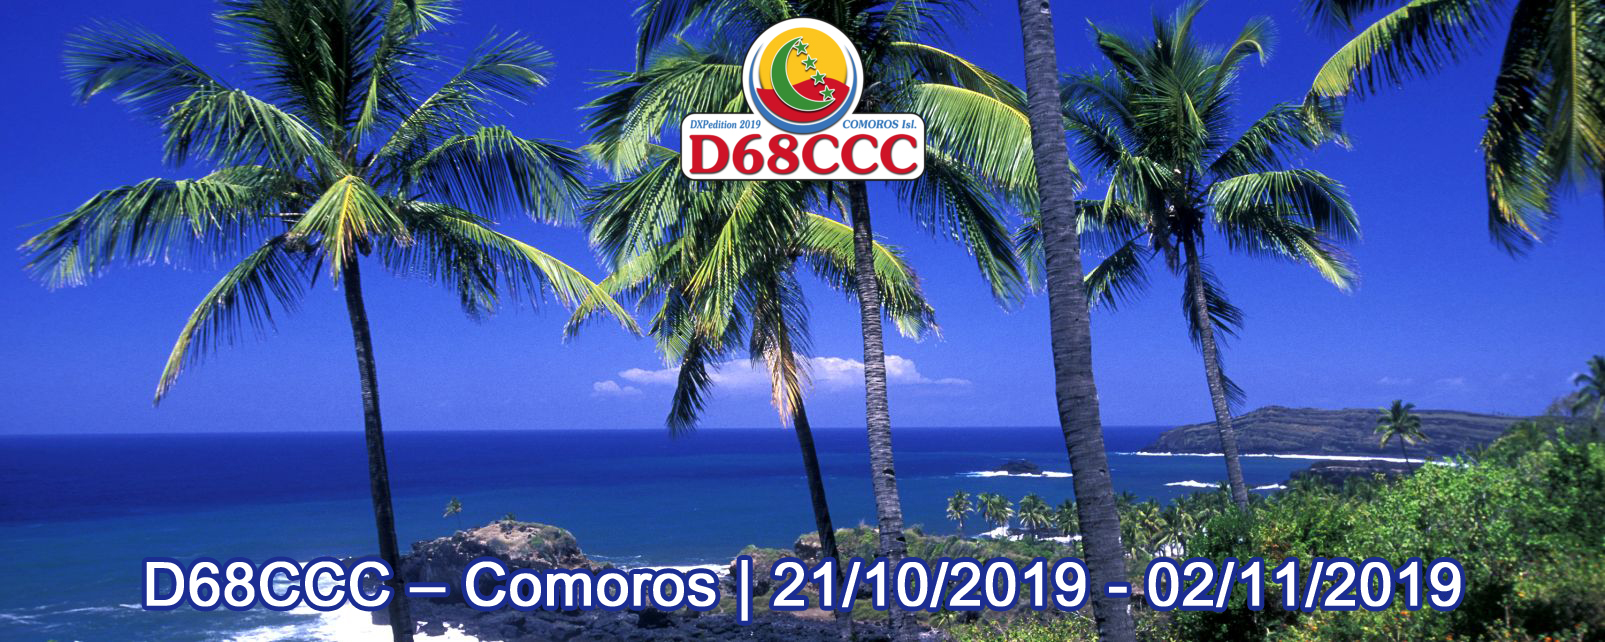 D68CCC Comoros Islands saranno attivi in FT8